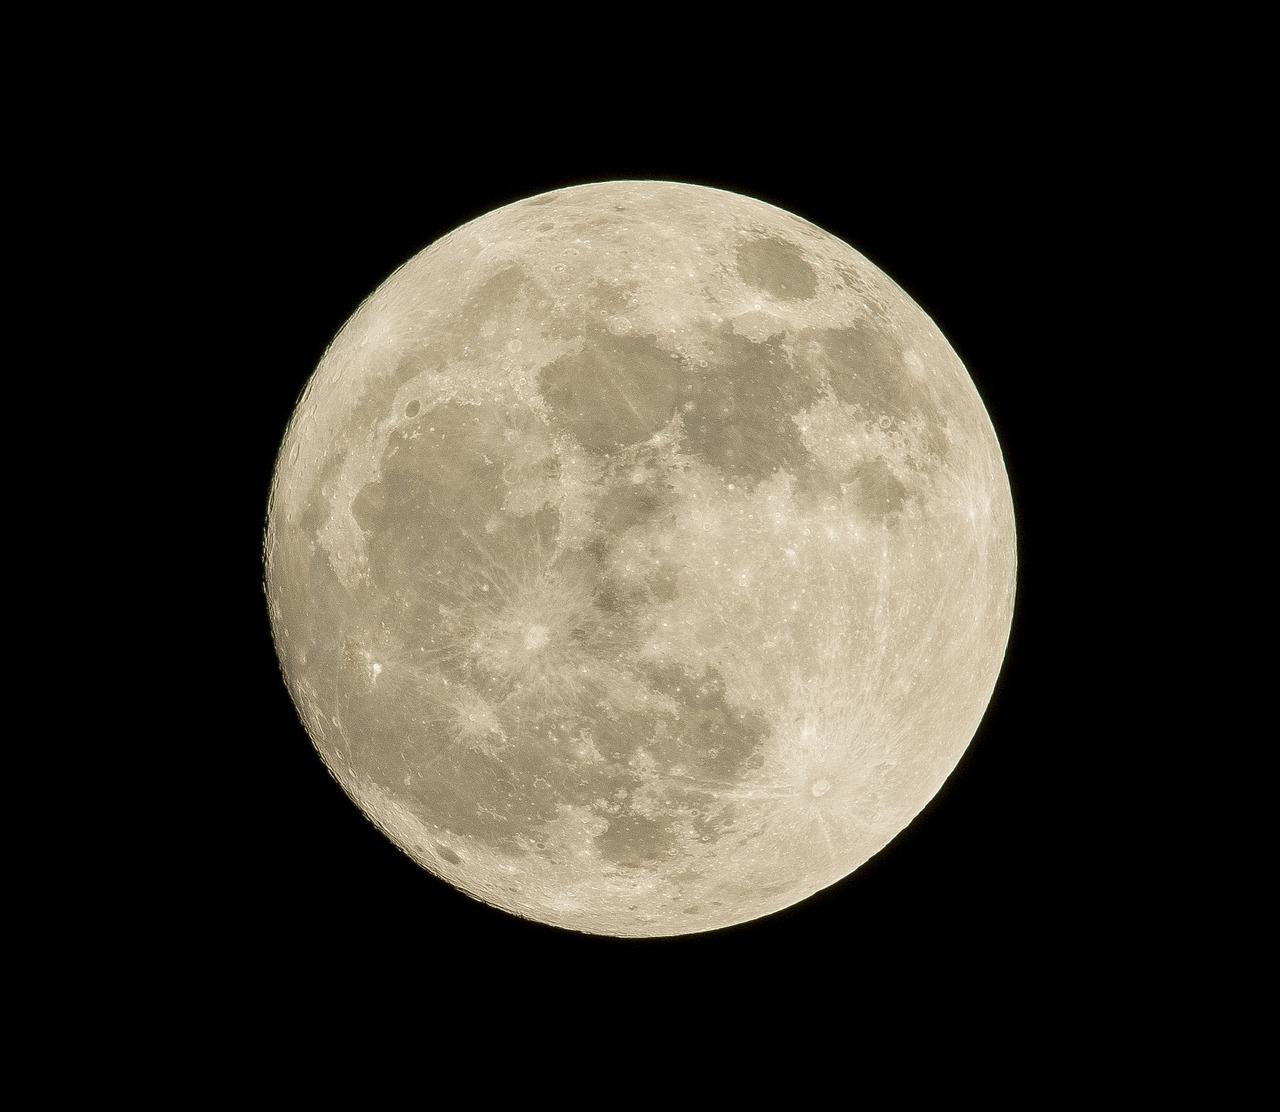 Čína vyšle na Mesiac sondu pre vzorky hornín, po prvý raz od 70. rokov